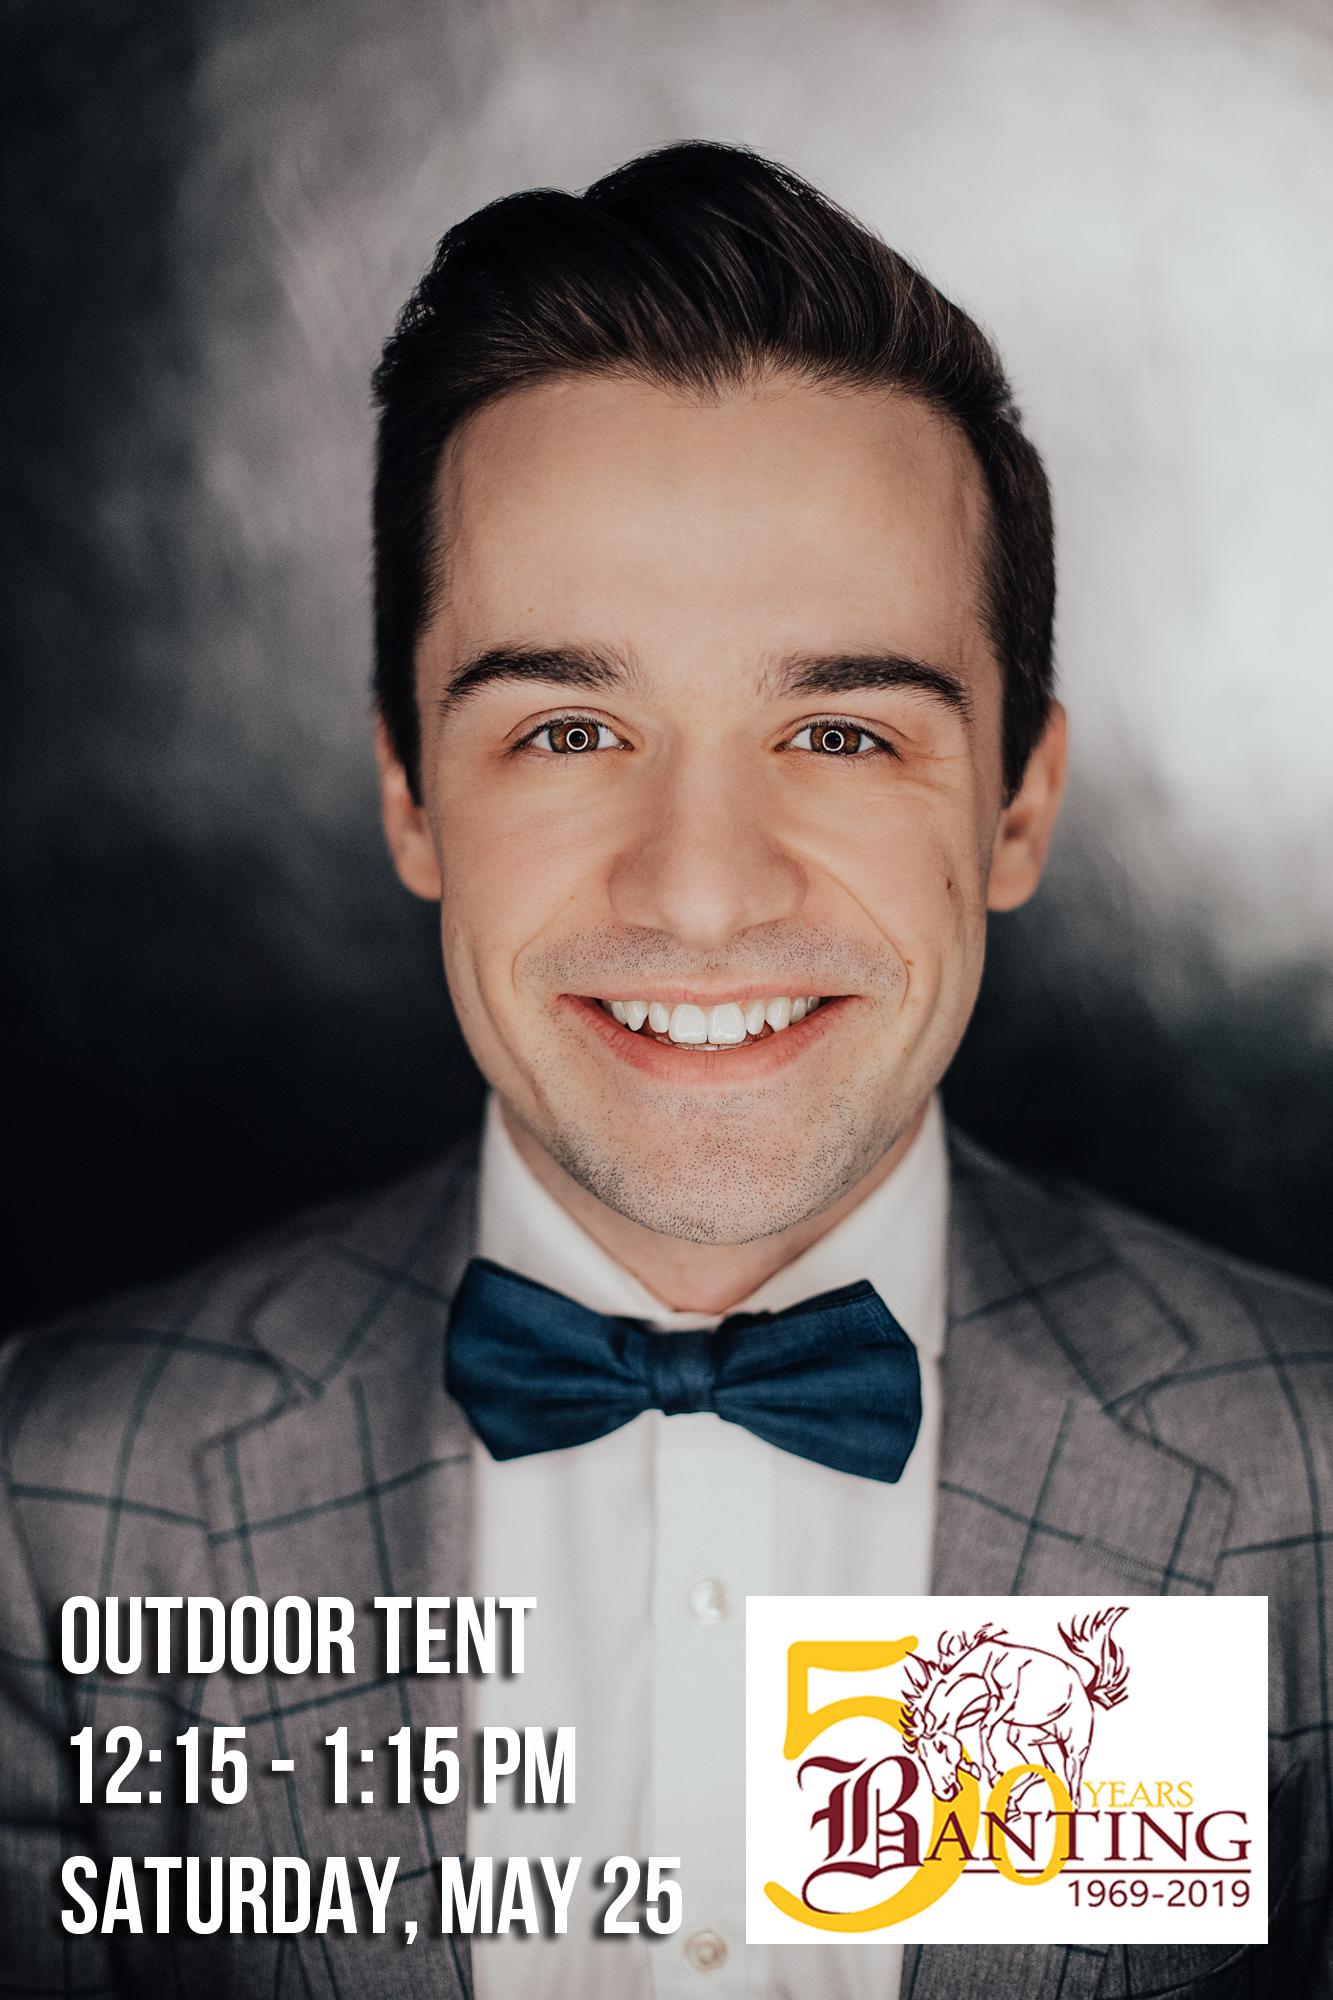 Banting 50 Outdoor Tent Left.jpg